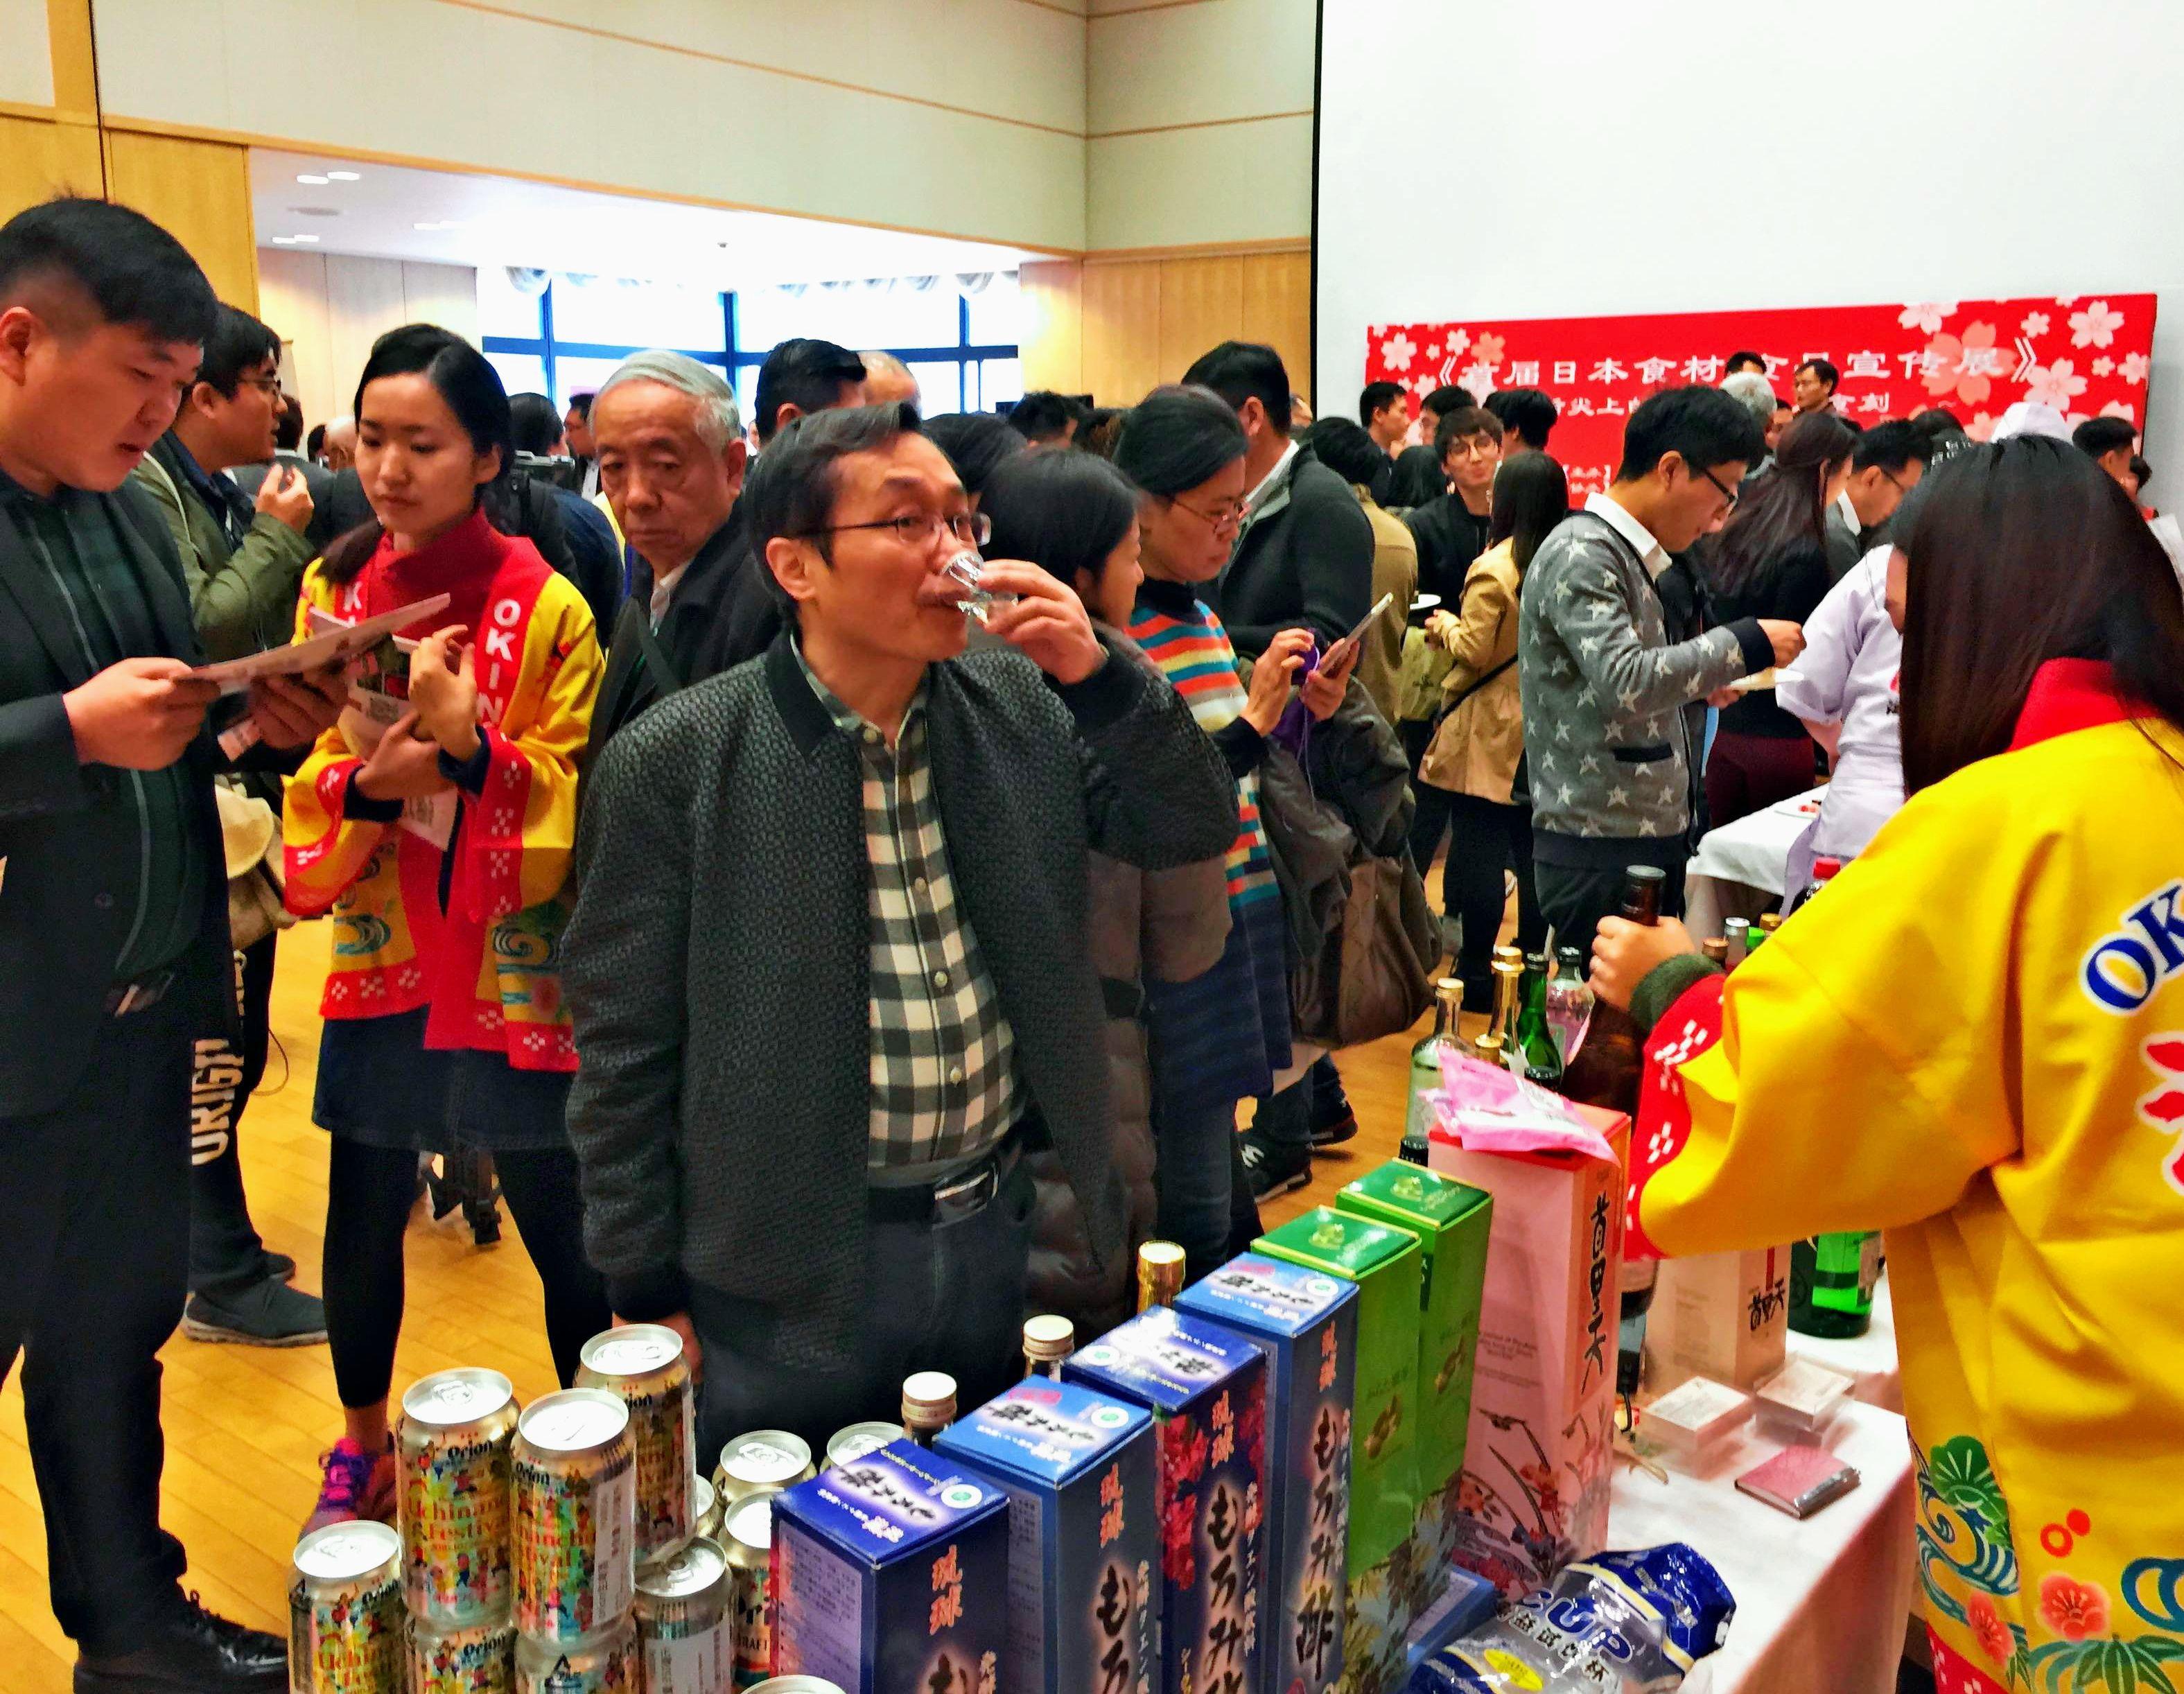 泡盛、ビール、シークヮーサー飲料…北京で沖縄をPR